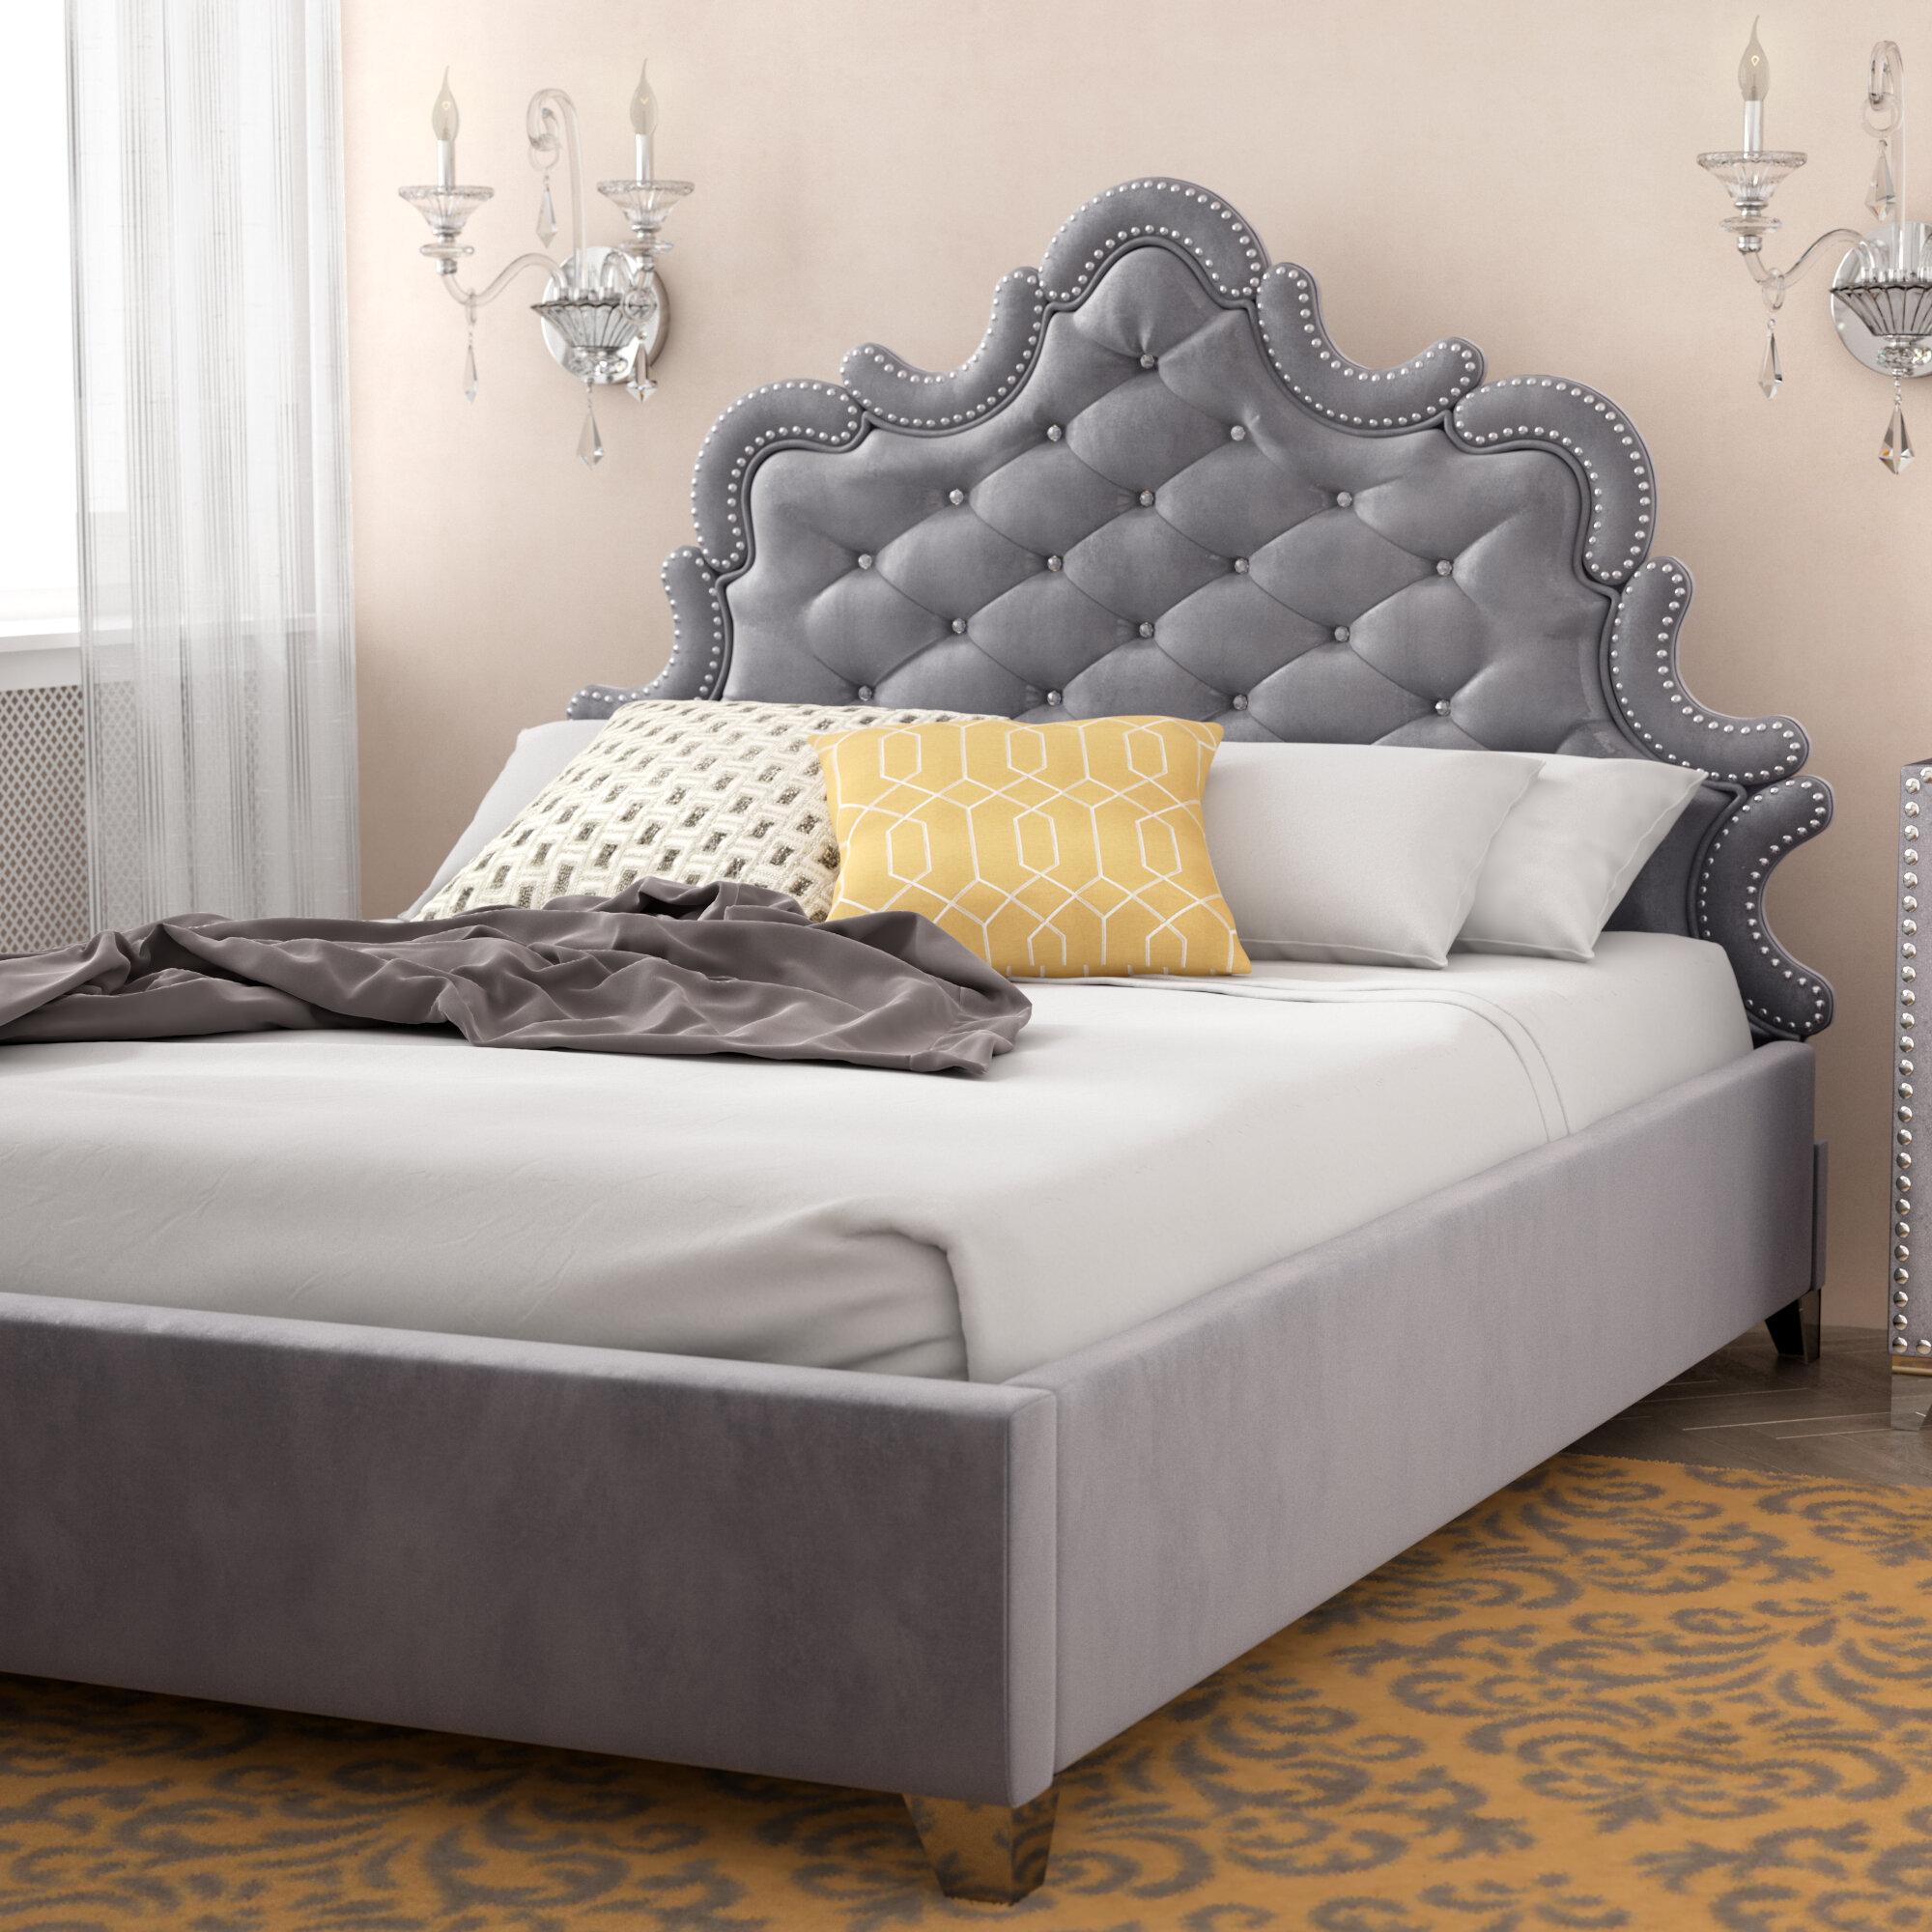 Rosdorf park spence velvet upholstered platform bed reviews wayfair